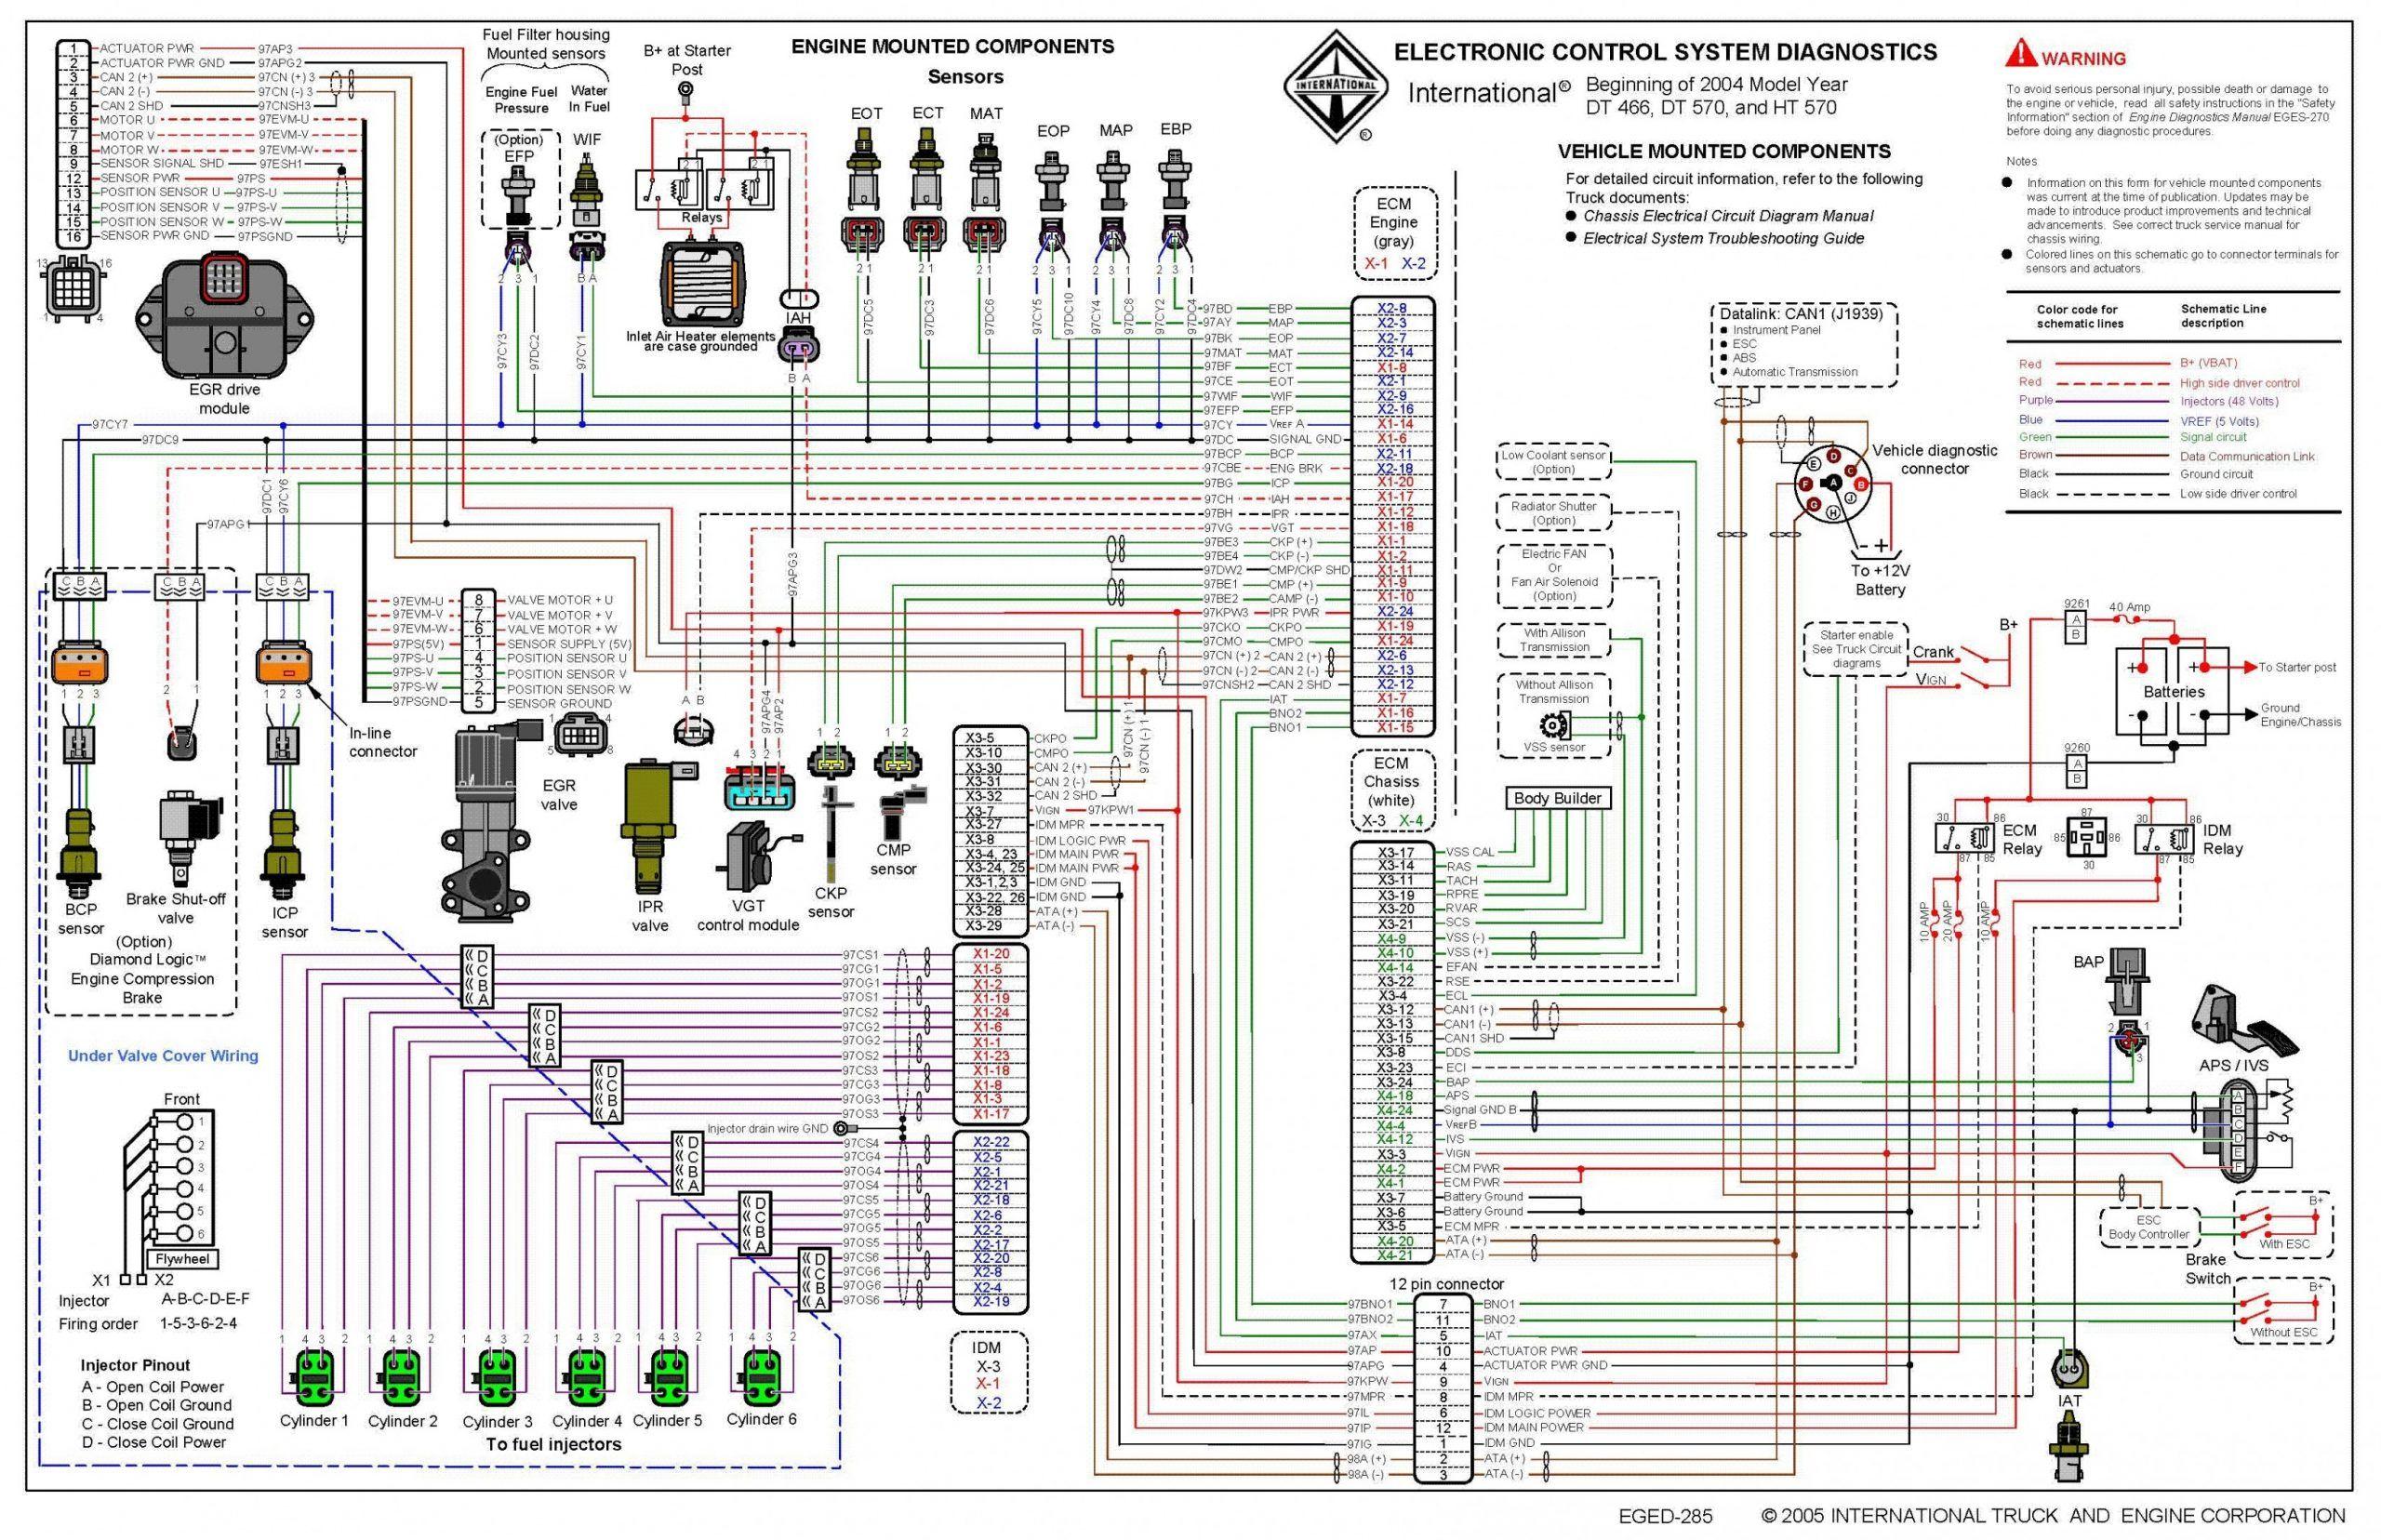 [SCHEMATICS_43NM]  International 4 Dt4 Engine Diagram International 4 Dt4 Engine Diagram -  international 4300 dt466 engine diagram Delightful to my own weblog, with  this occasio… di 2020 | International Engine Schematics |  | Pinterest